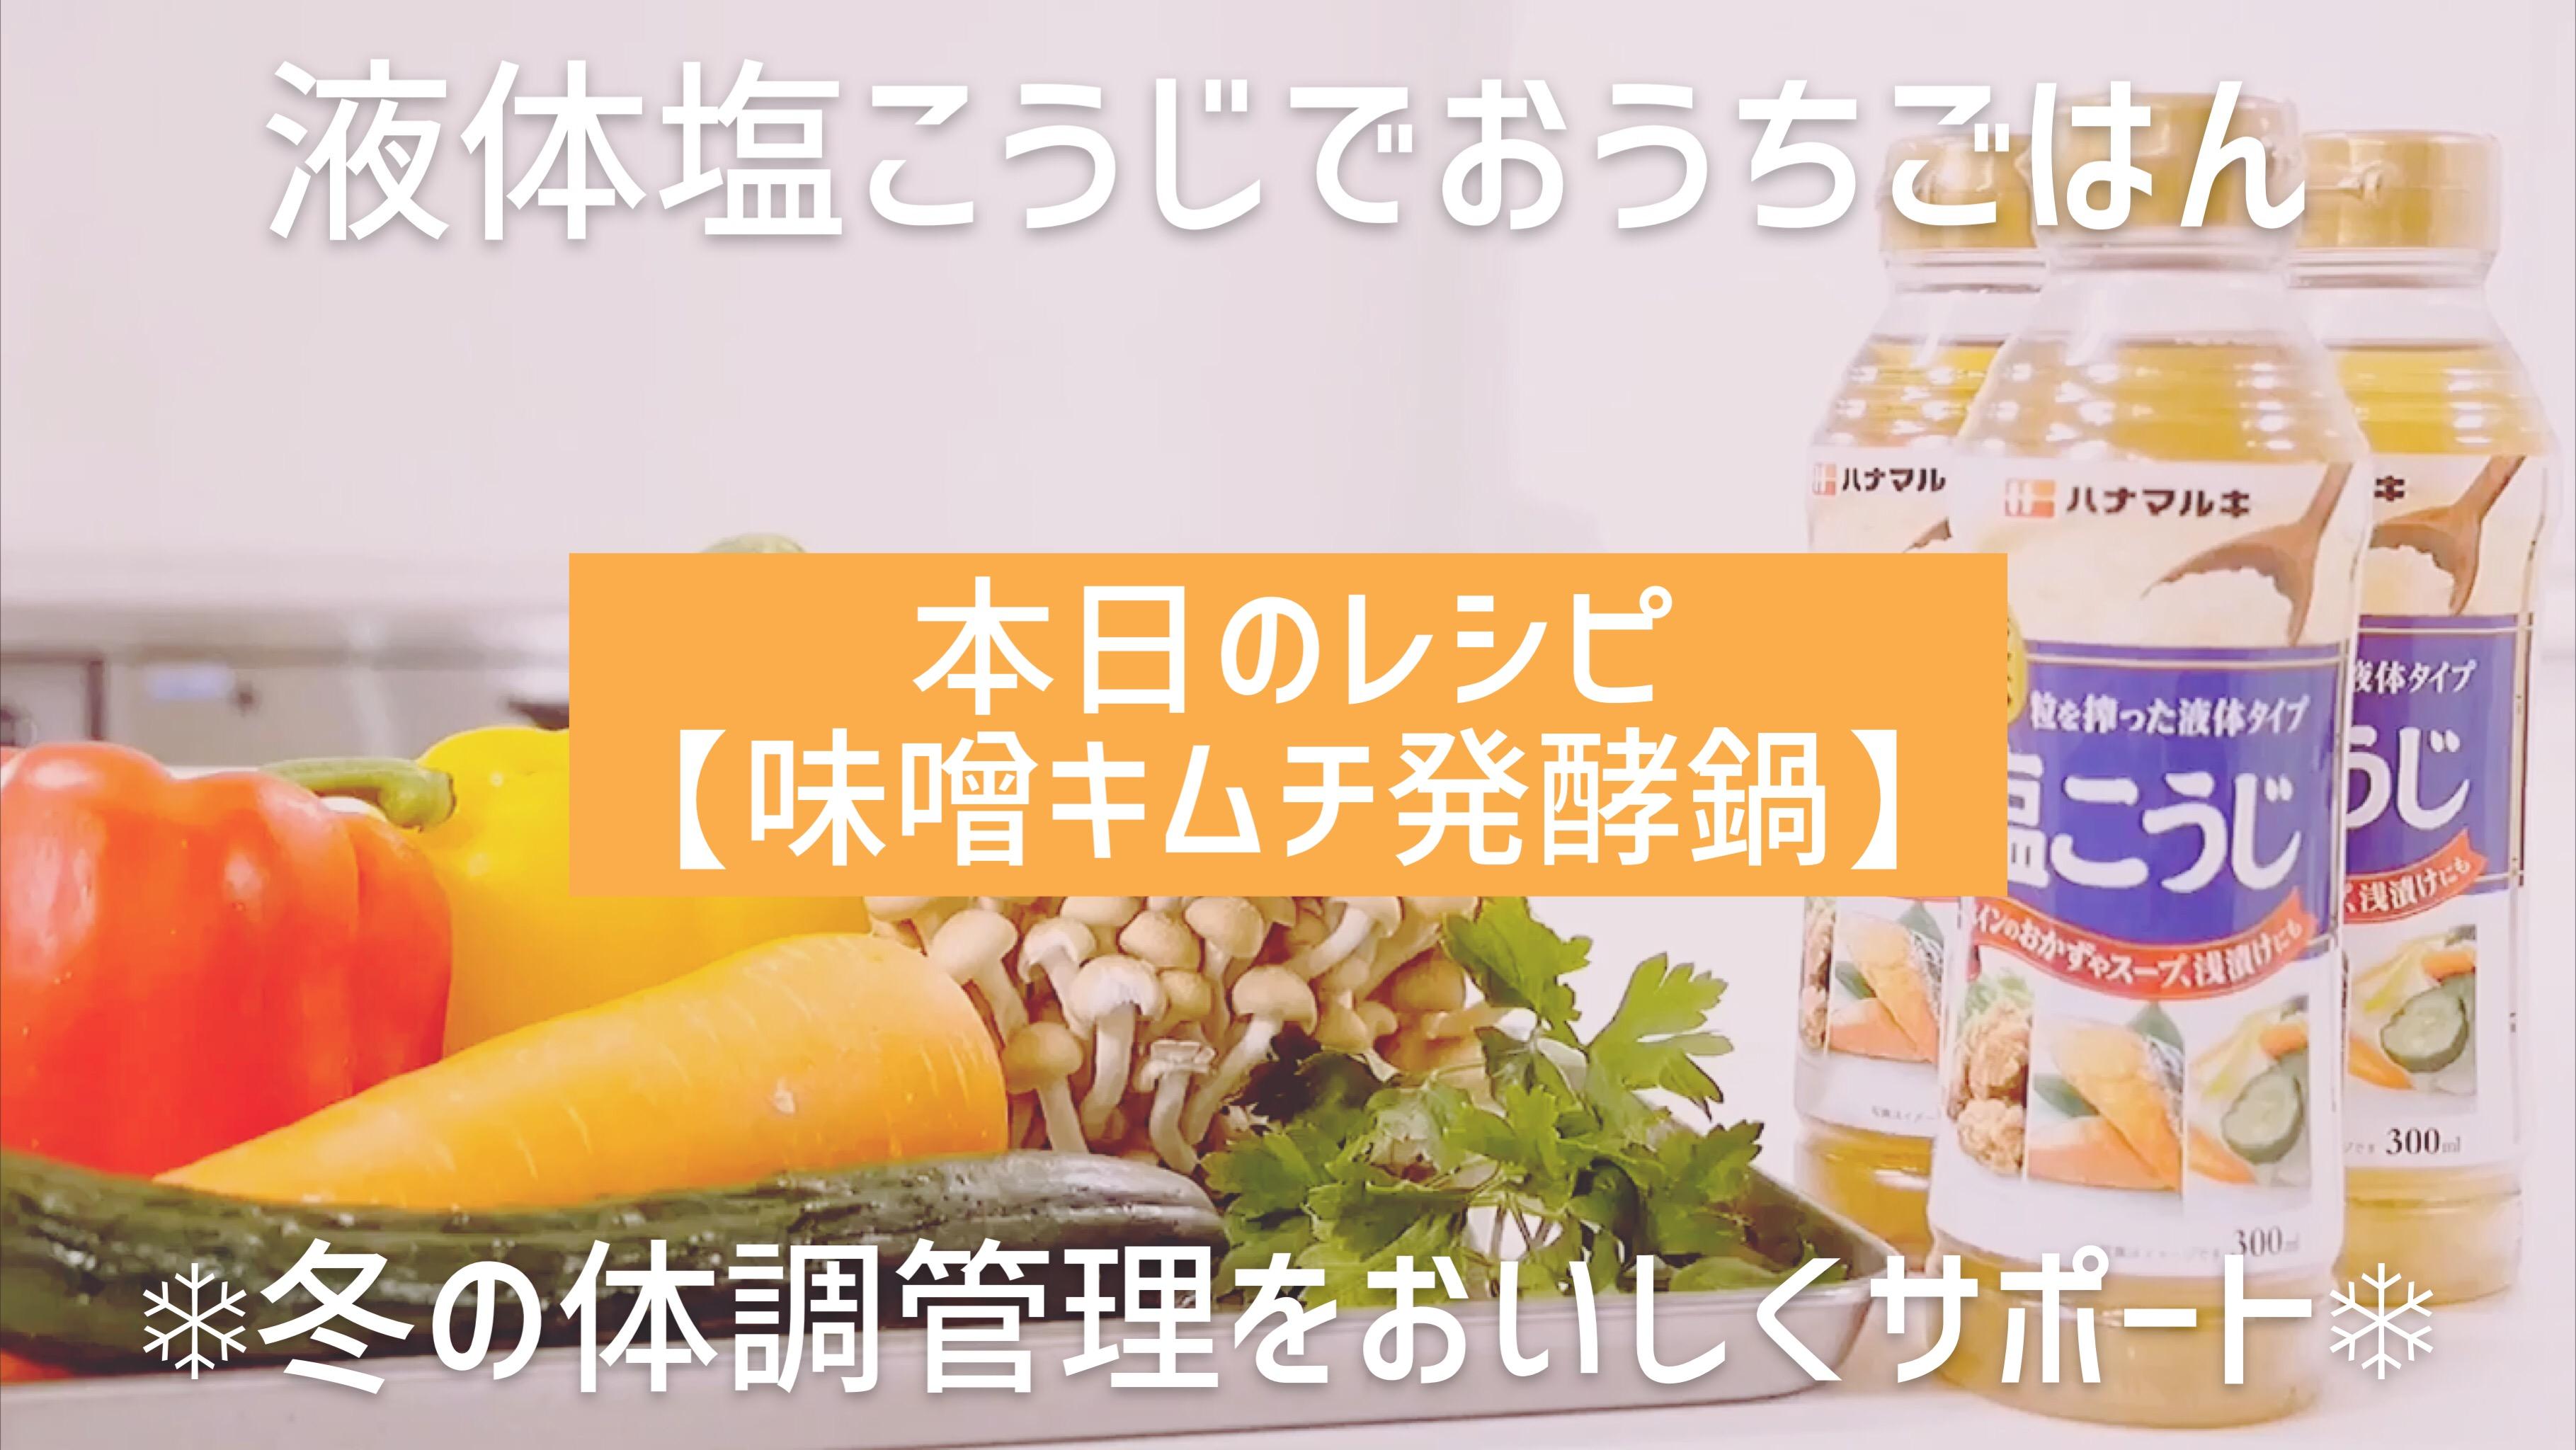 【ハナマルキ公式Youtube】液体塩こうじでおうちごはん#11 からだの中から温まる味噌キムチ発酵鍋♬